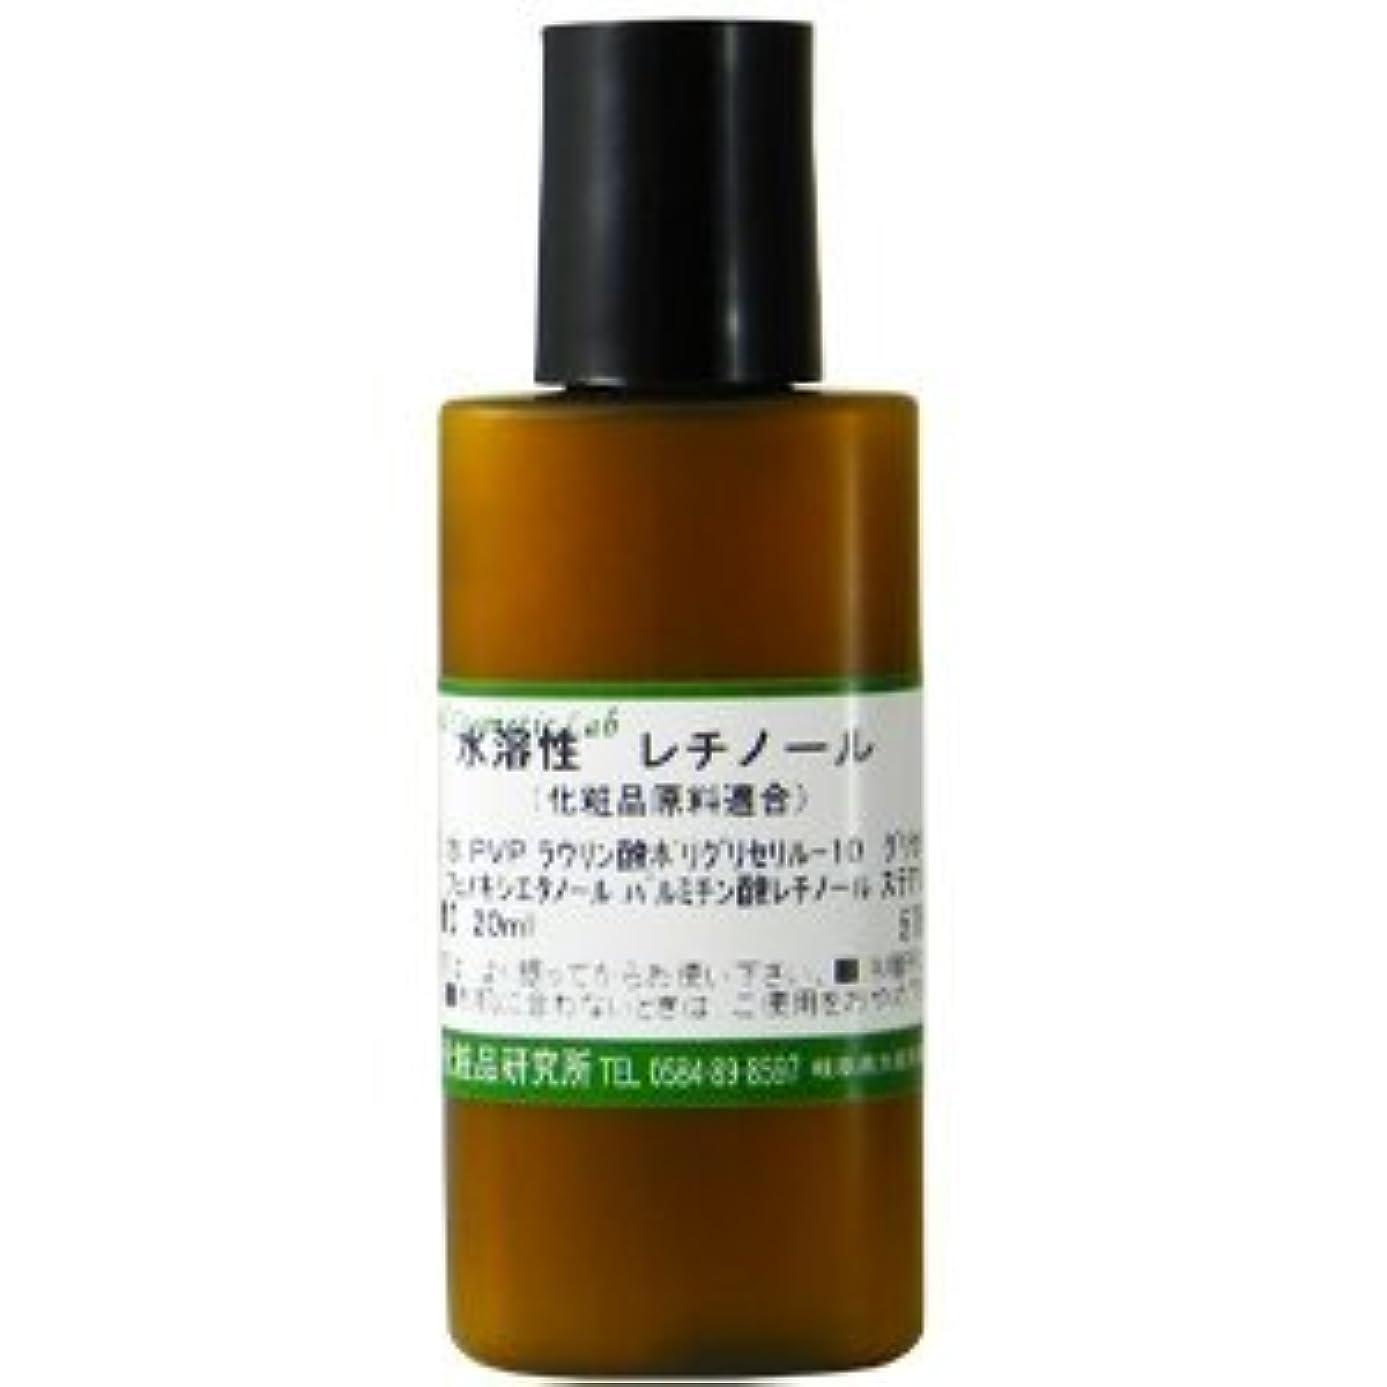 水溶性レチノール 20ml 【手作り化粧品原料】